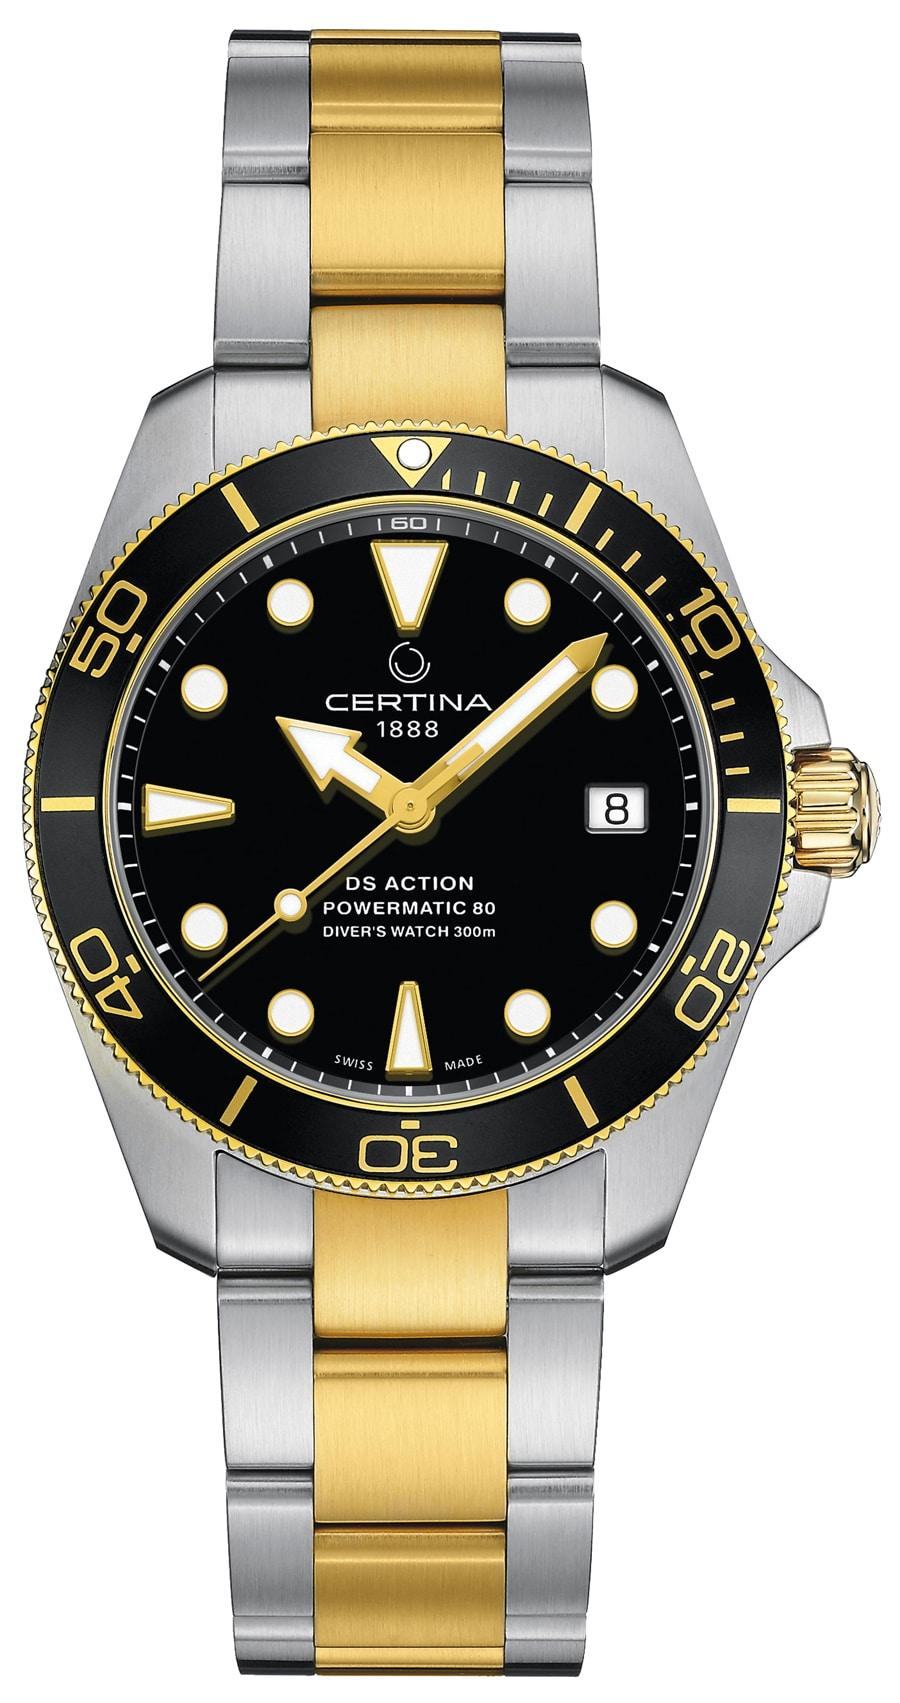 Certina: DS Action Diver schwarzes Zifferblatt schwarze Lünette Bicolor